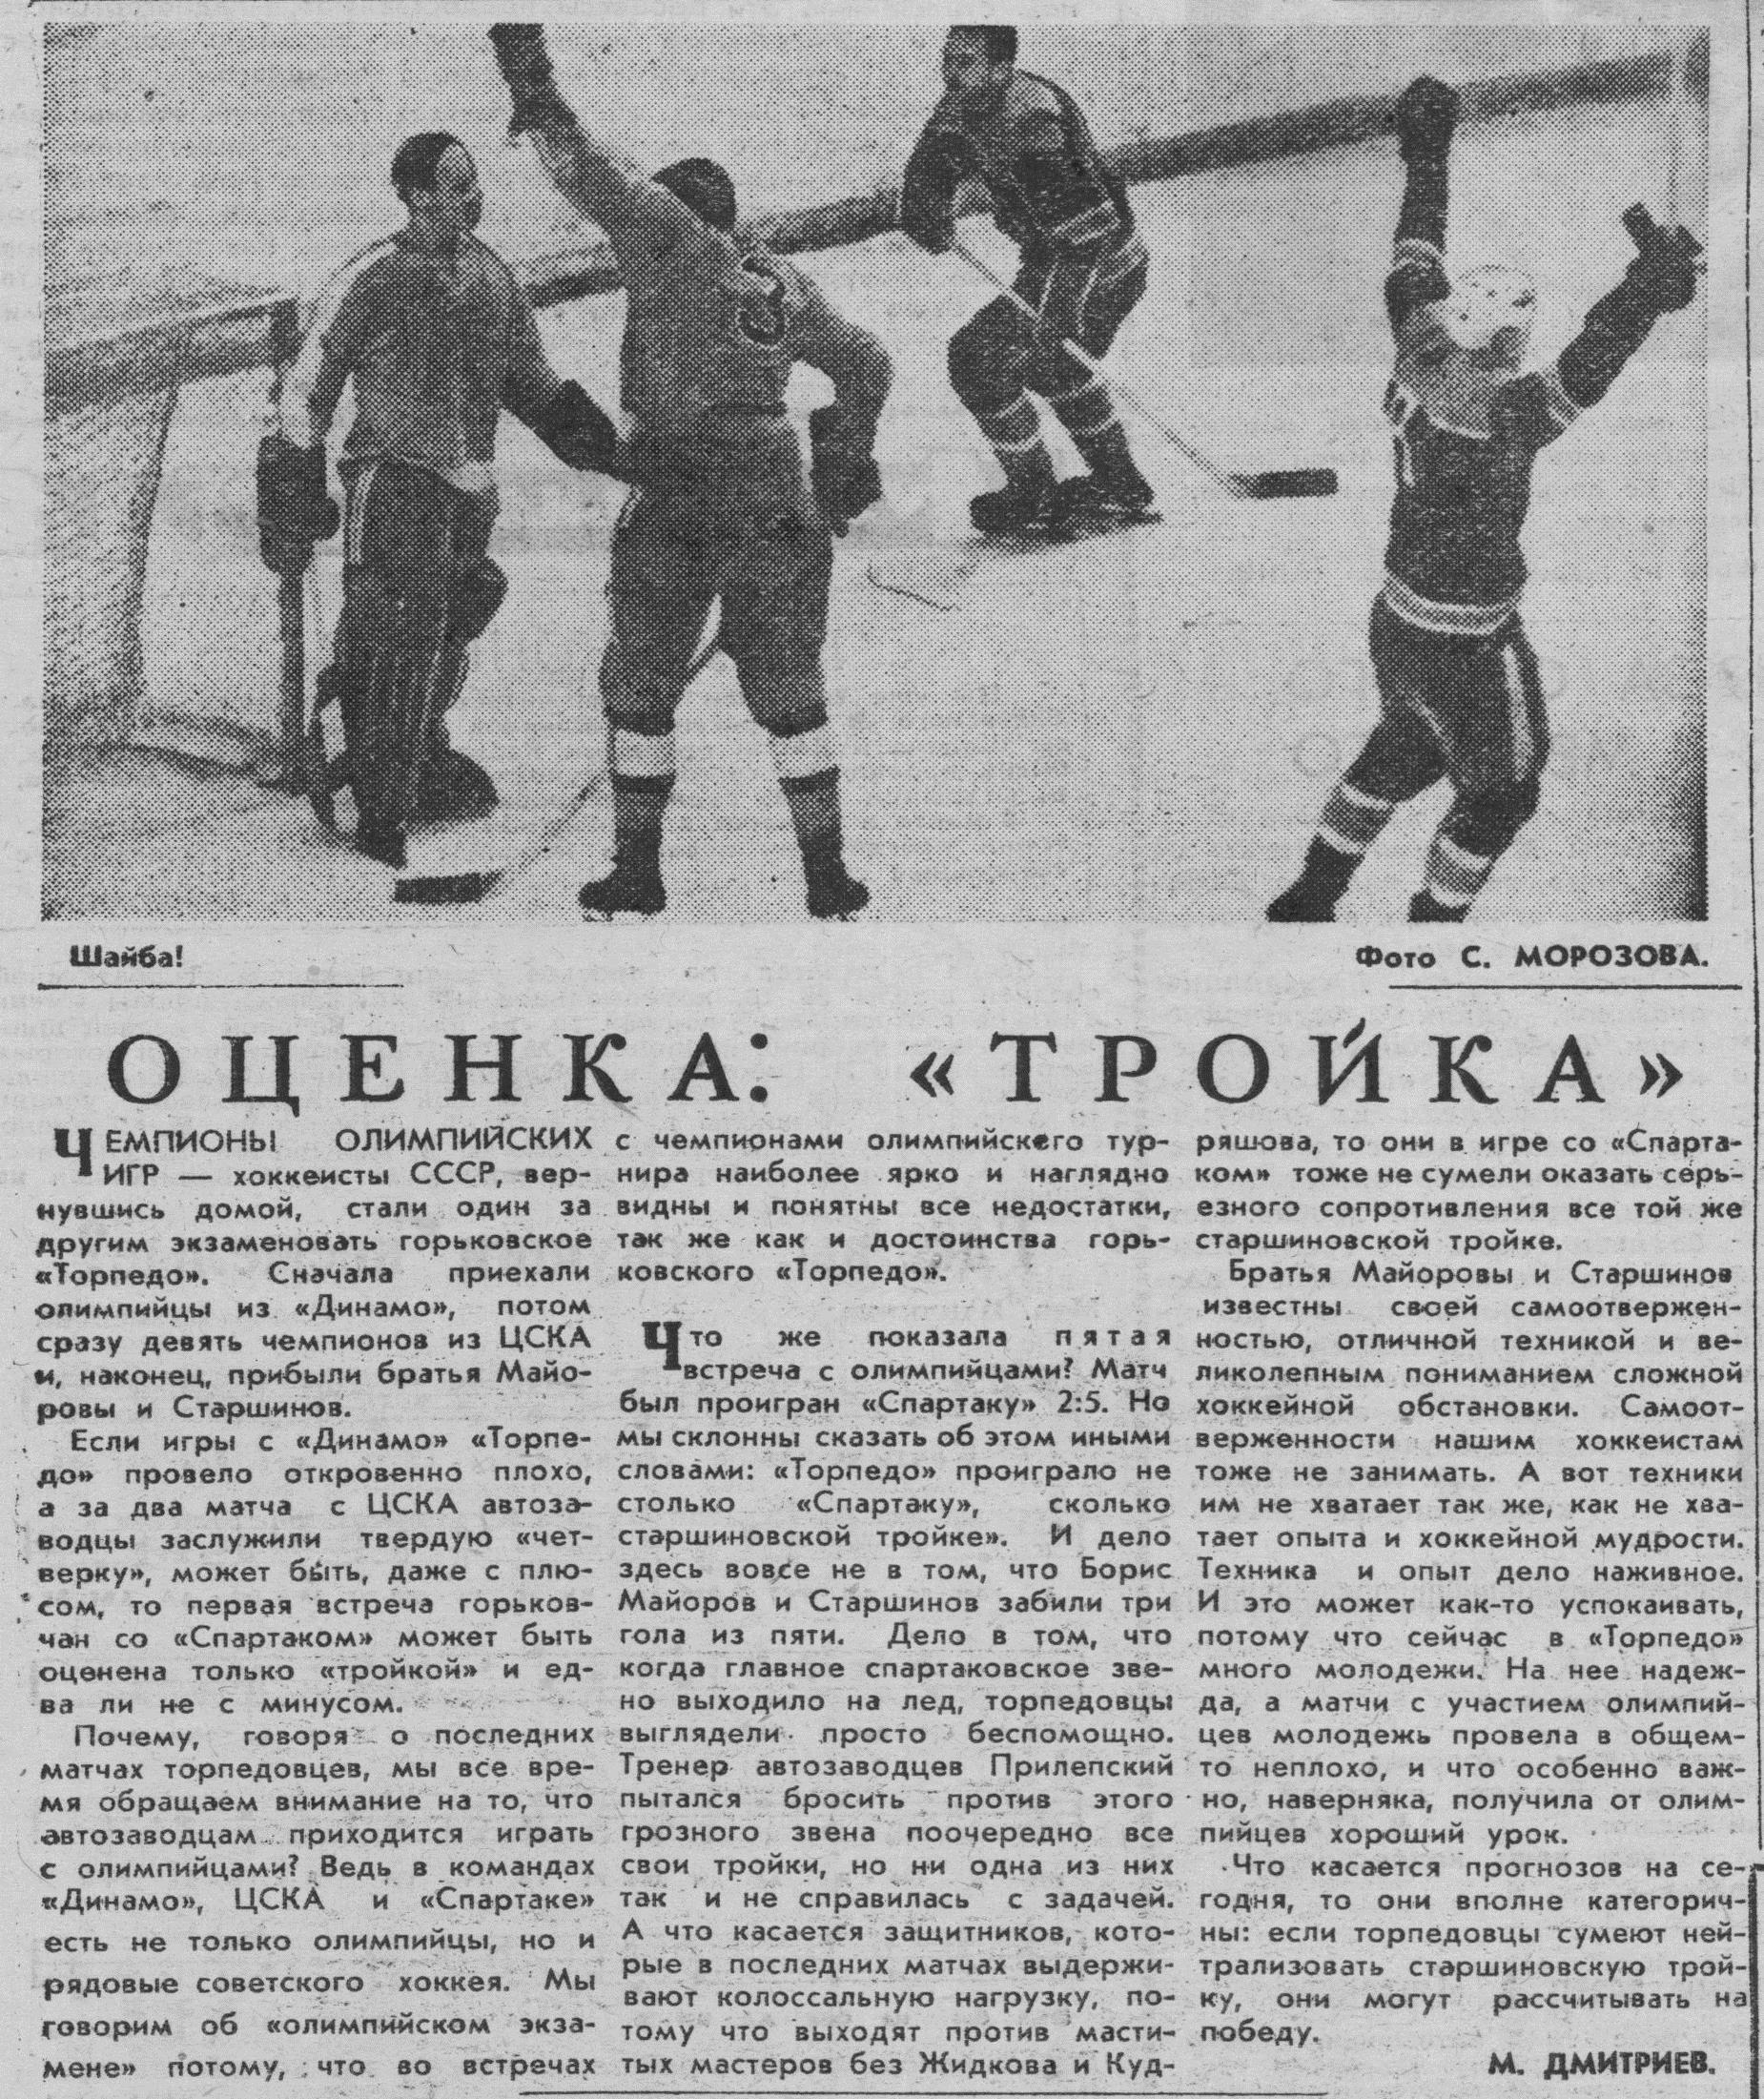 сезон 1963-1964 Торпедо - Спартак.jpg